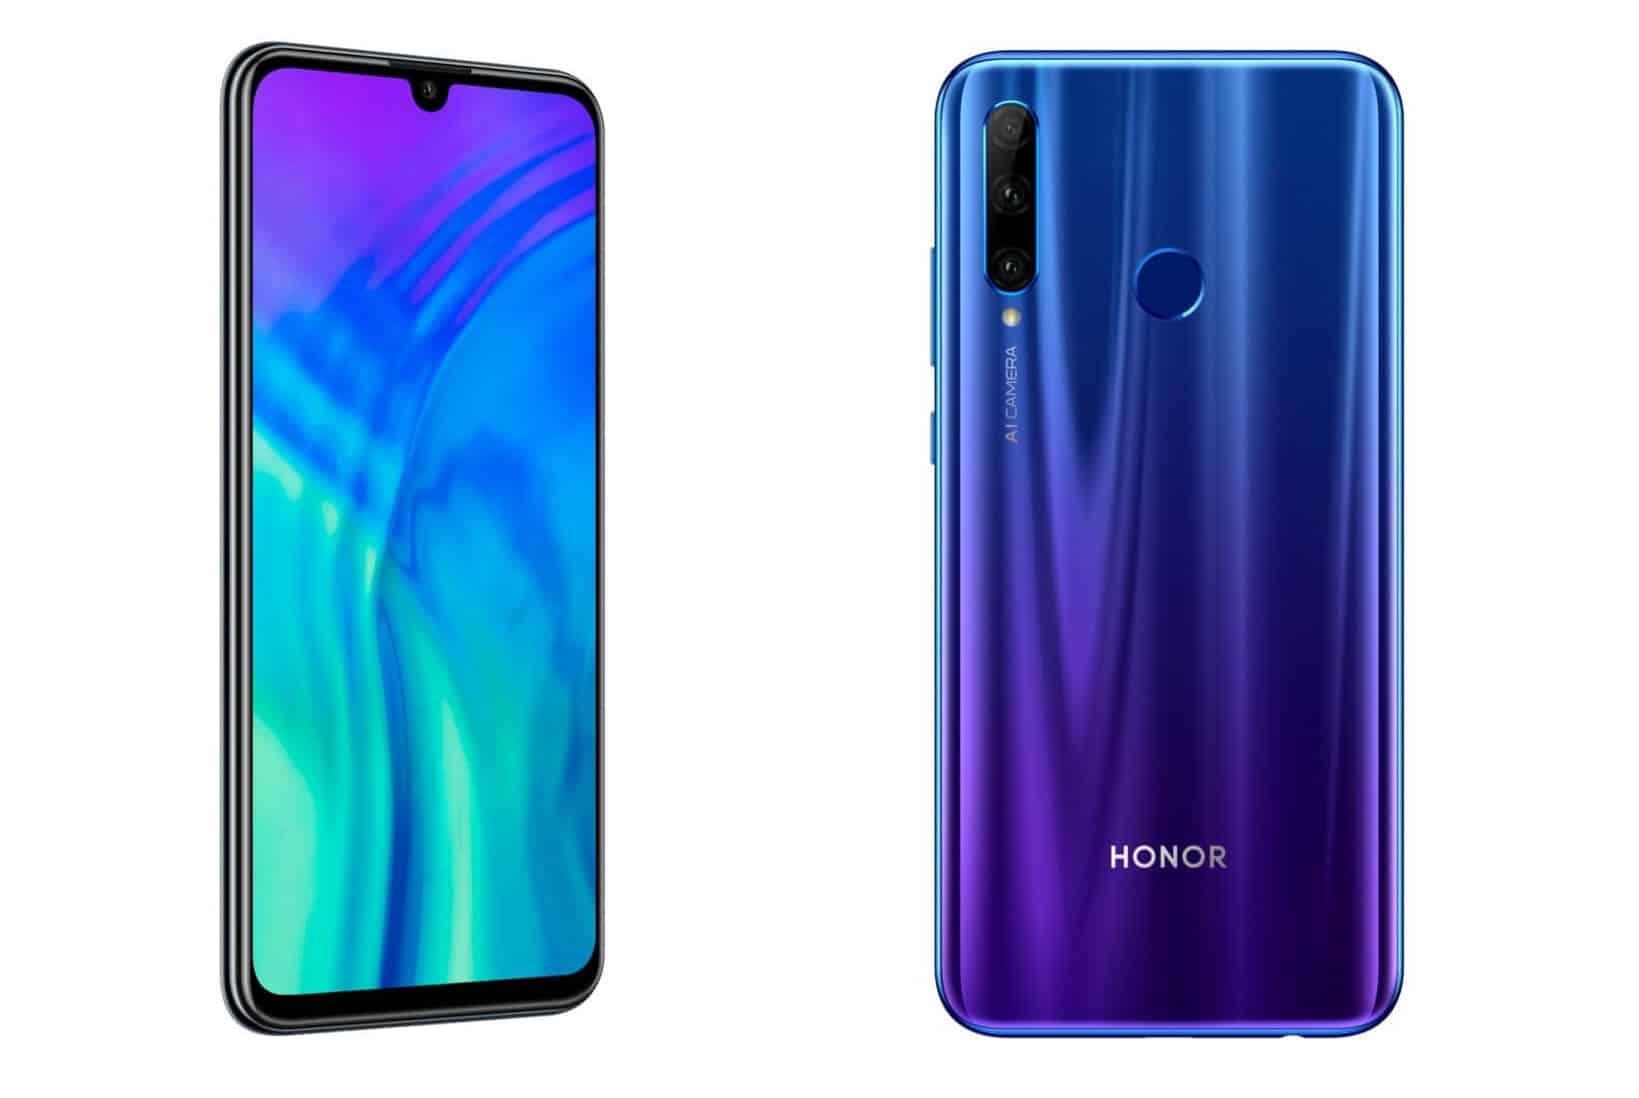 В России появится новый Honor 20 Lite, третий по счету аппарат от Huawei - изображение